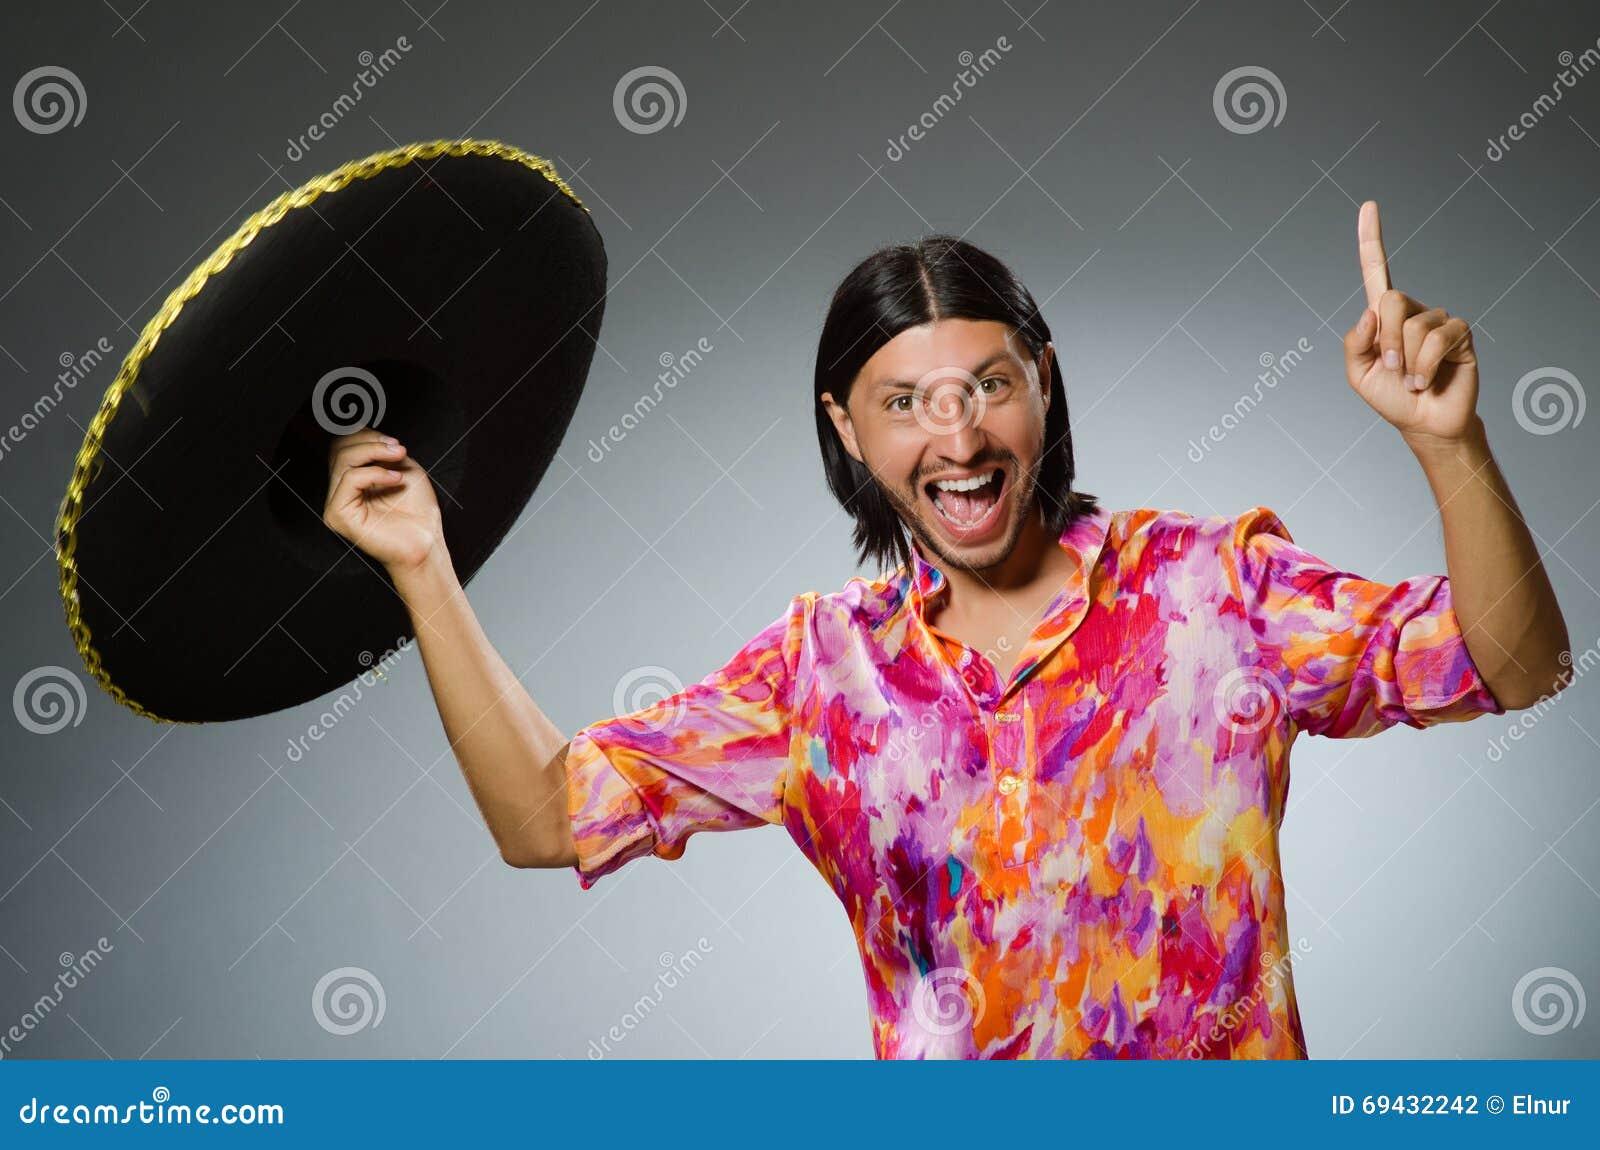 el sombrero latino personals Mike myers protagoniza esta película en el papel del travieso visitante felino con sombrero que enseña a 2 pequeños que.